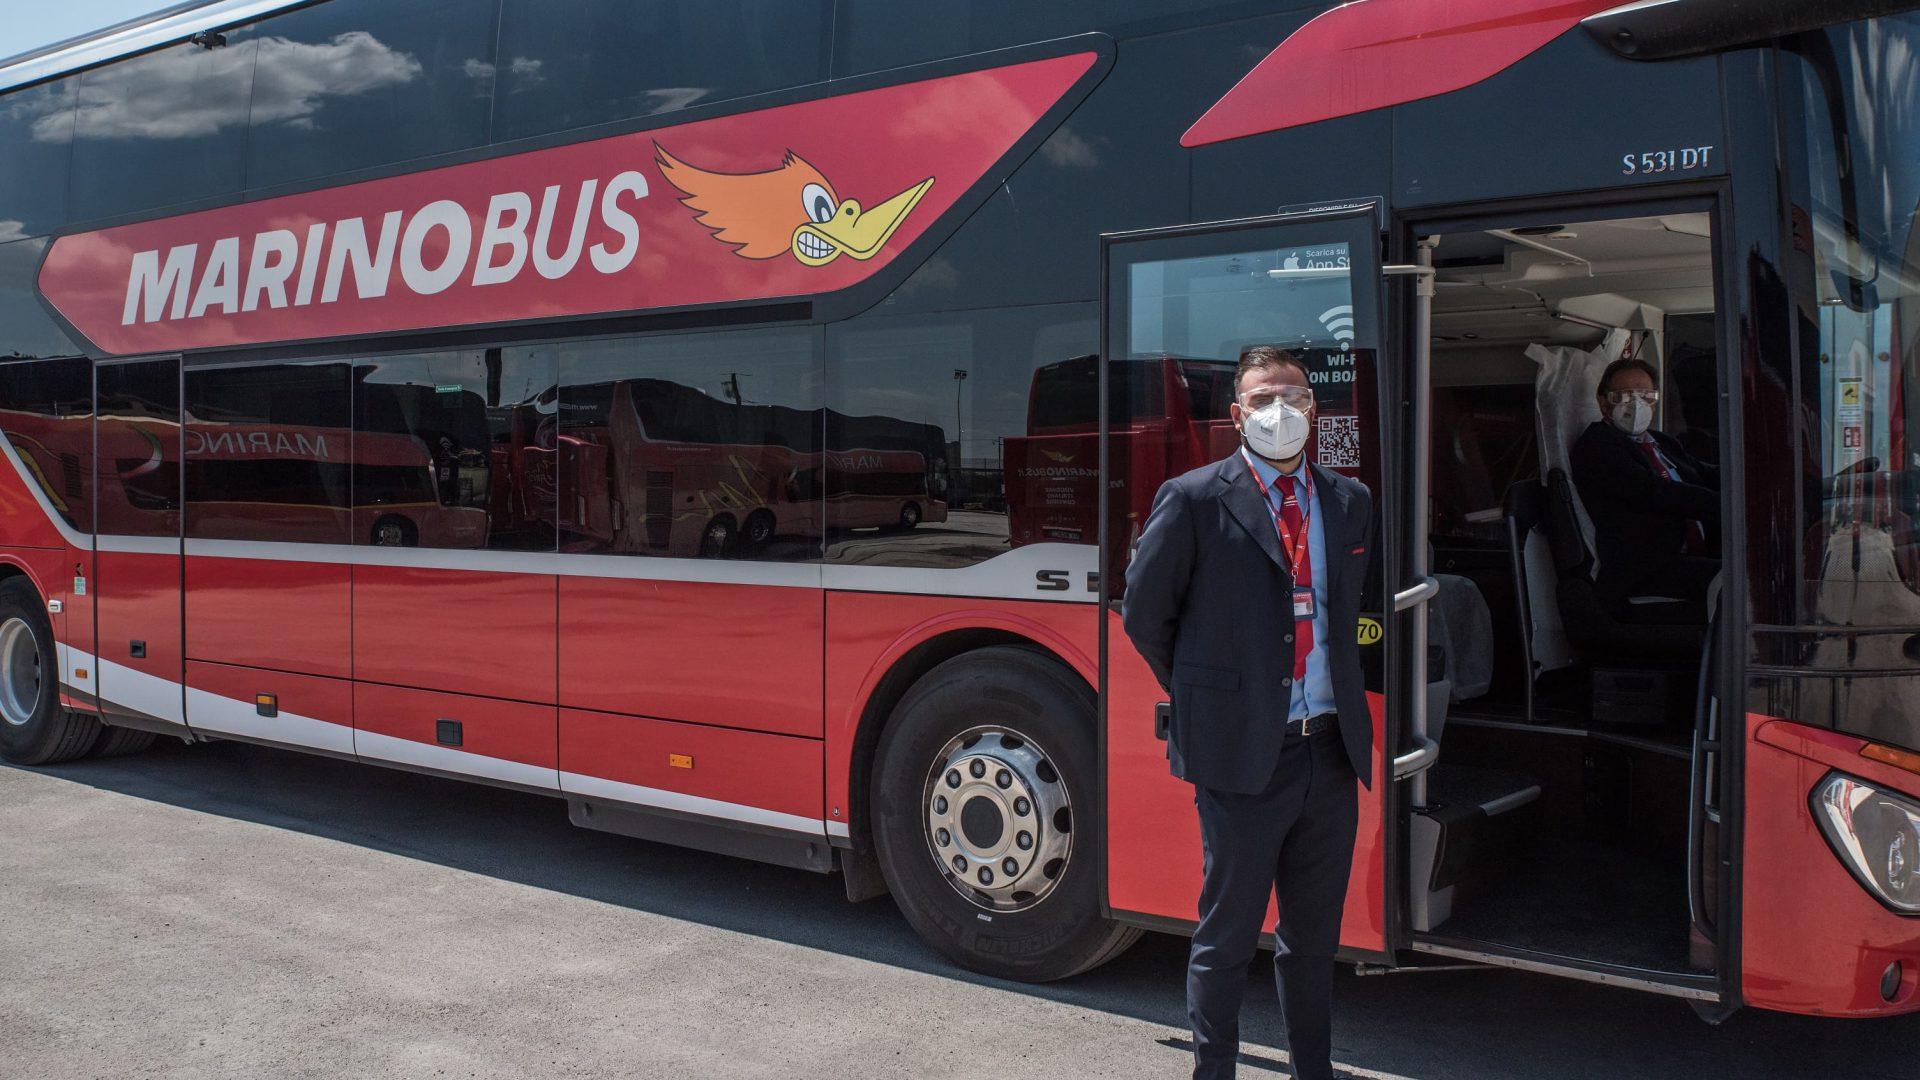 MarinoBus accoglie con favore l'introduzione del Green Pass